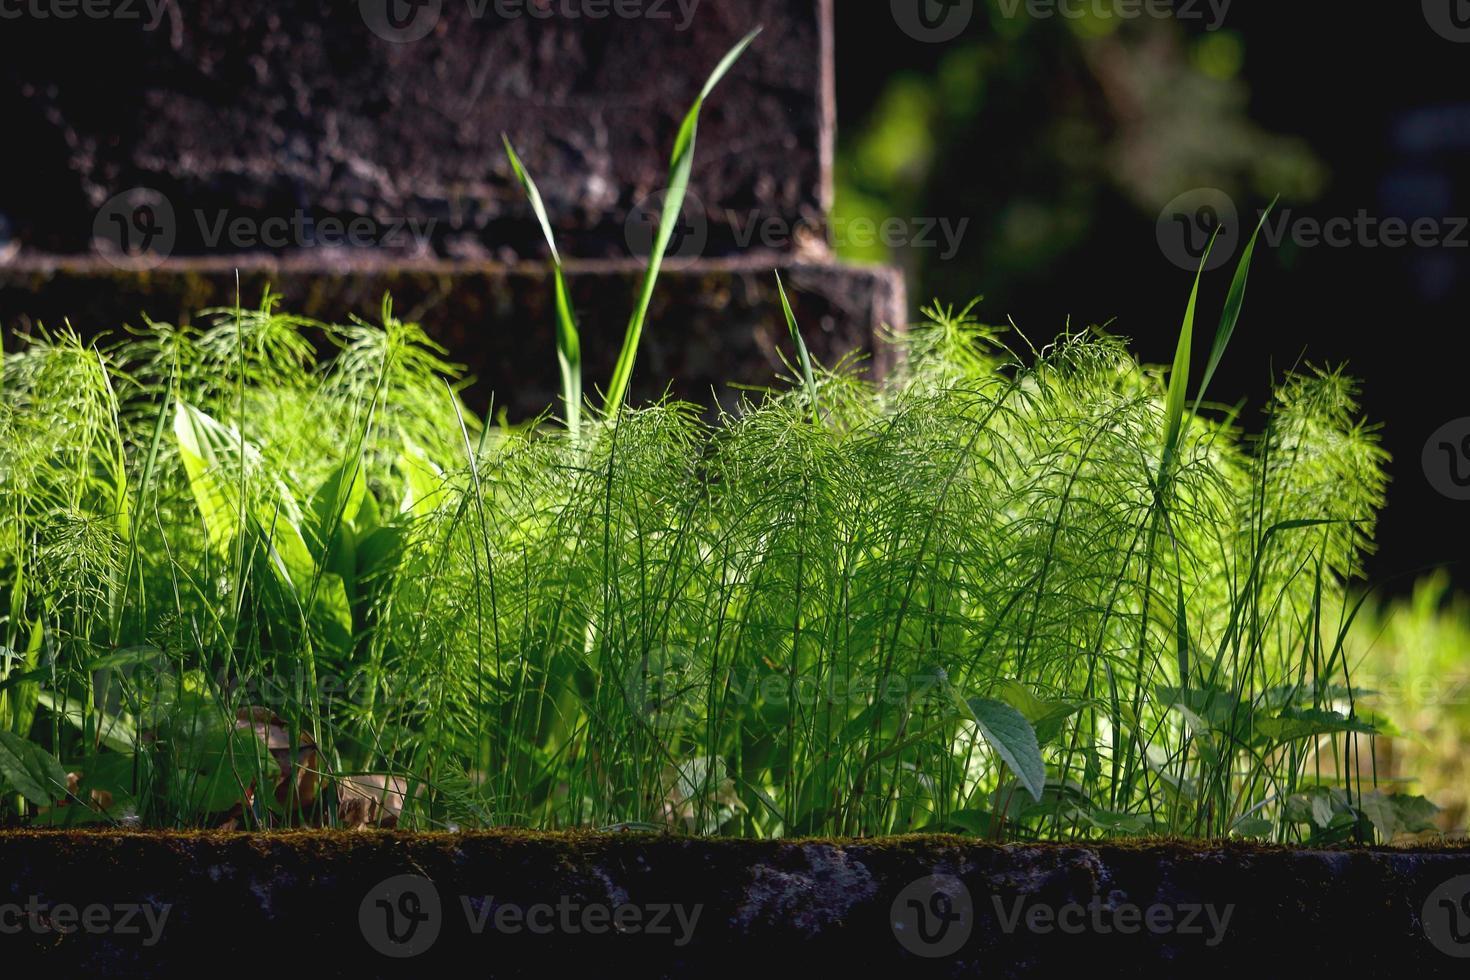 groene veld paardestaart wiet in de buurt van grafsteen foto